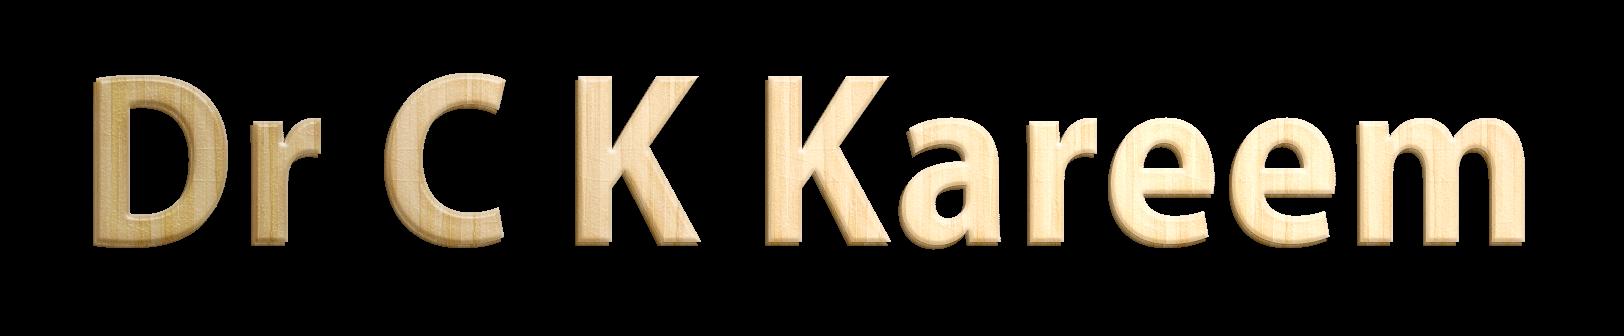 Dr C K Kareem